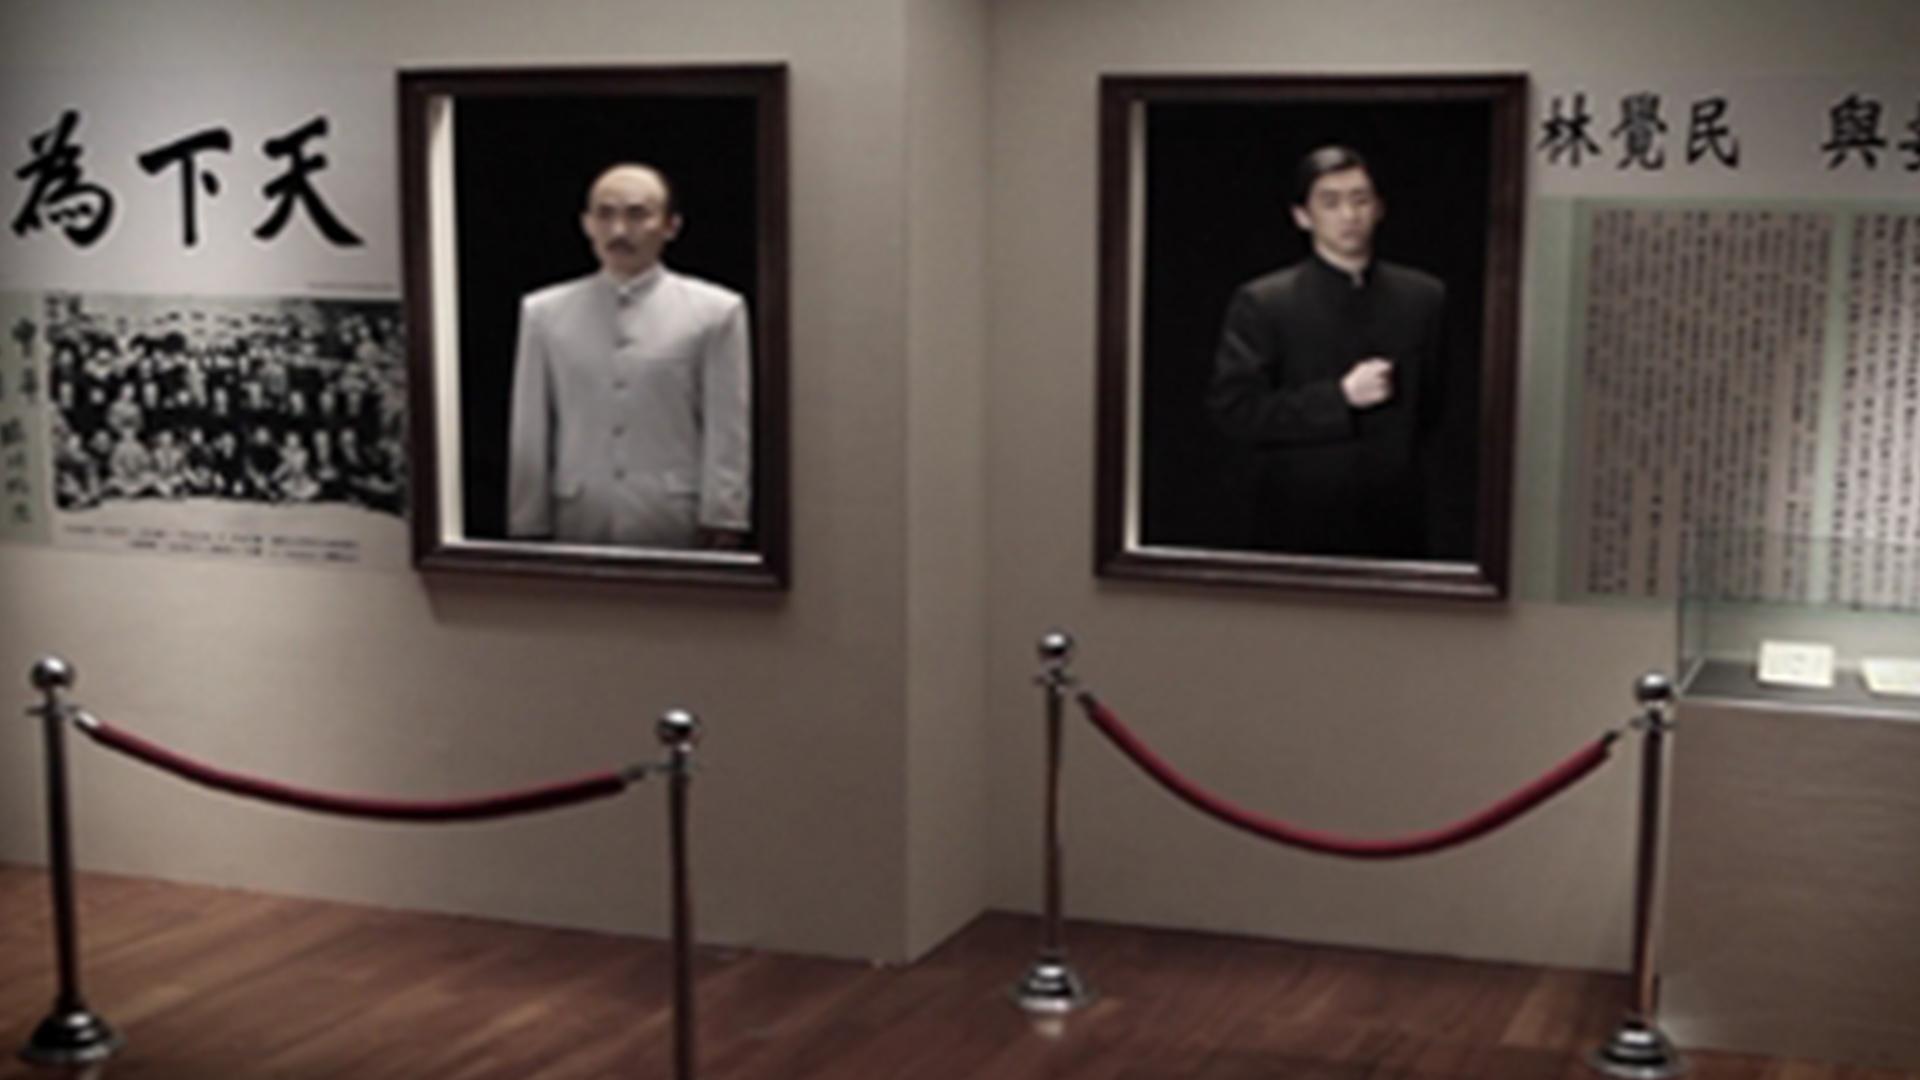 英特爾  第二代INTEL CORE處理器病毒行銷短片